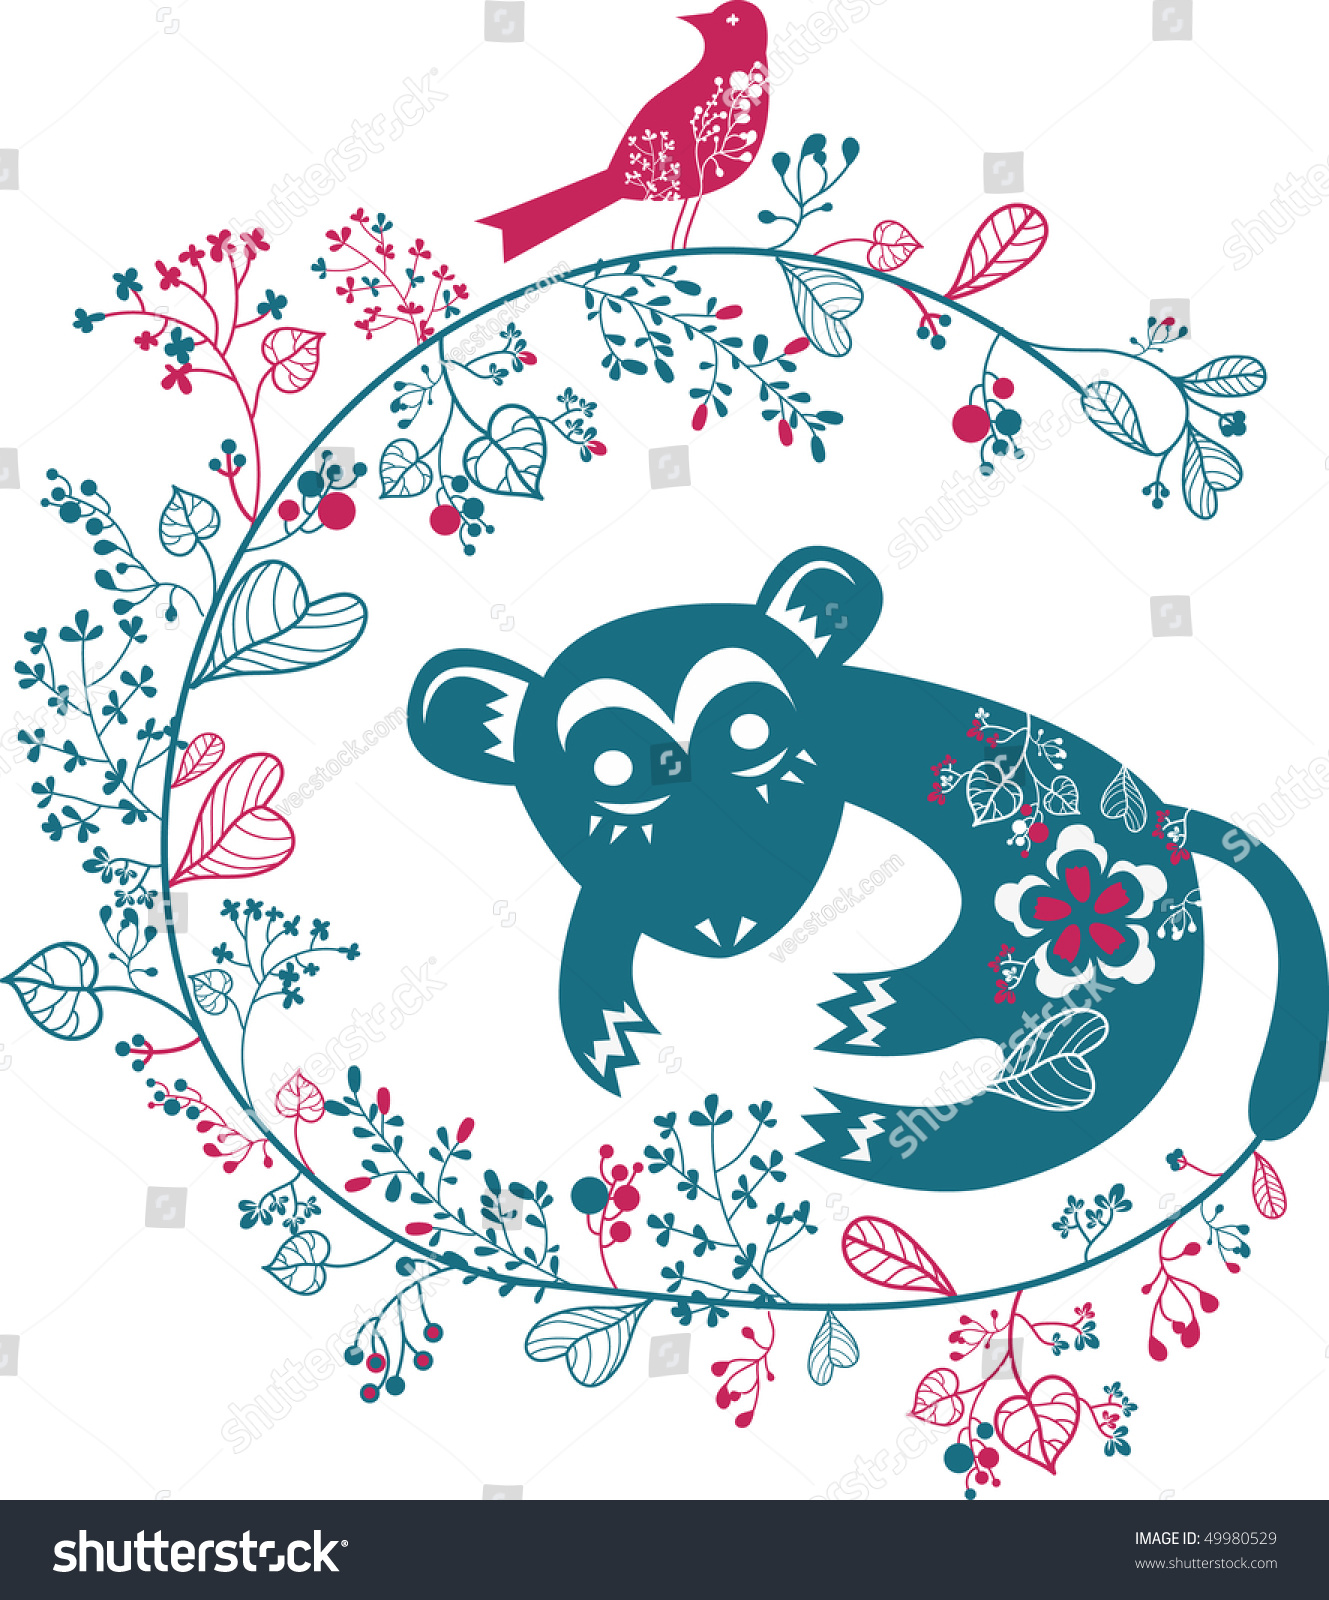 可爱的小猴子形状花园壁纸-动物/野生生物